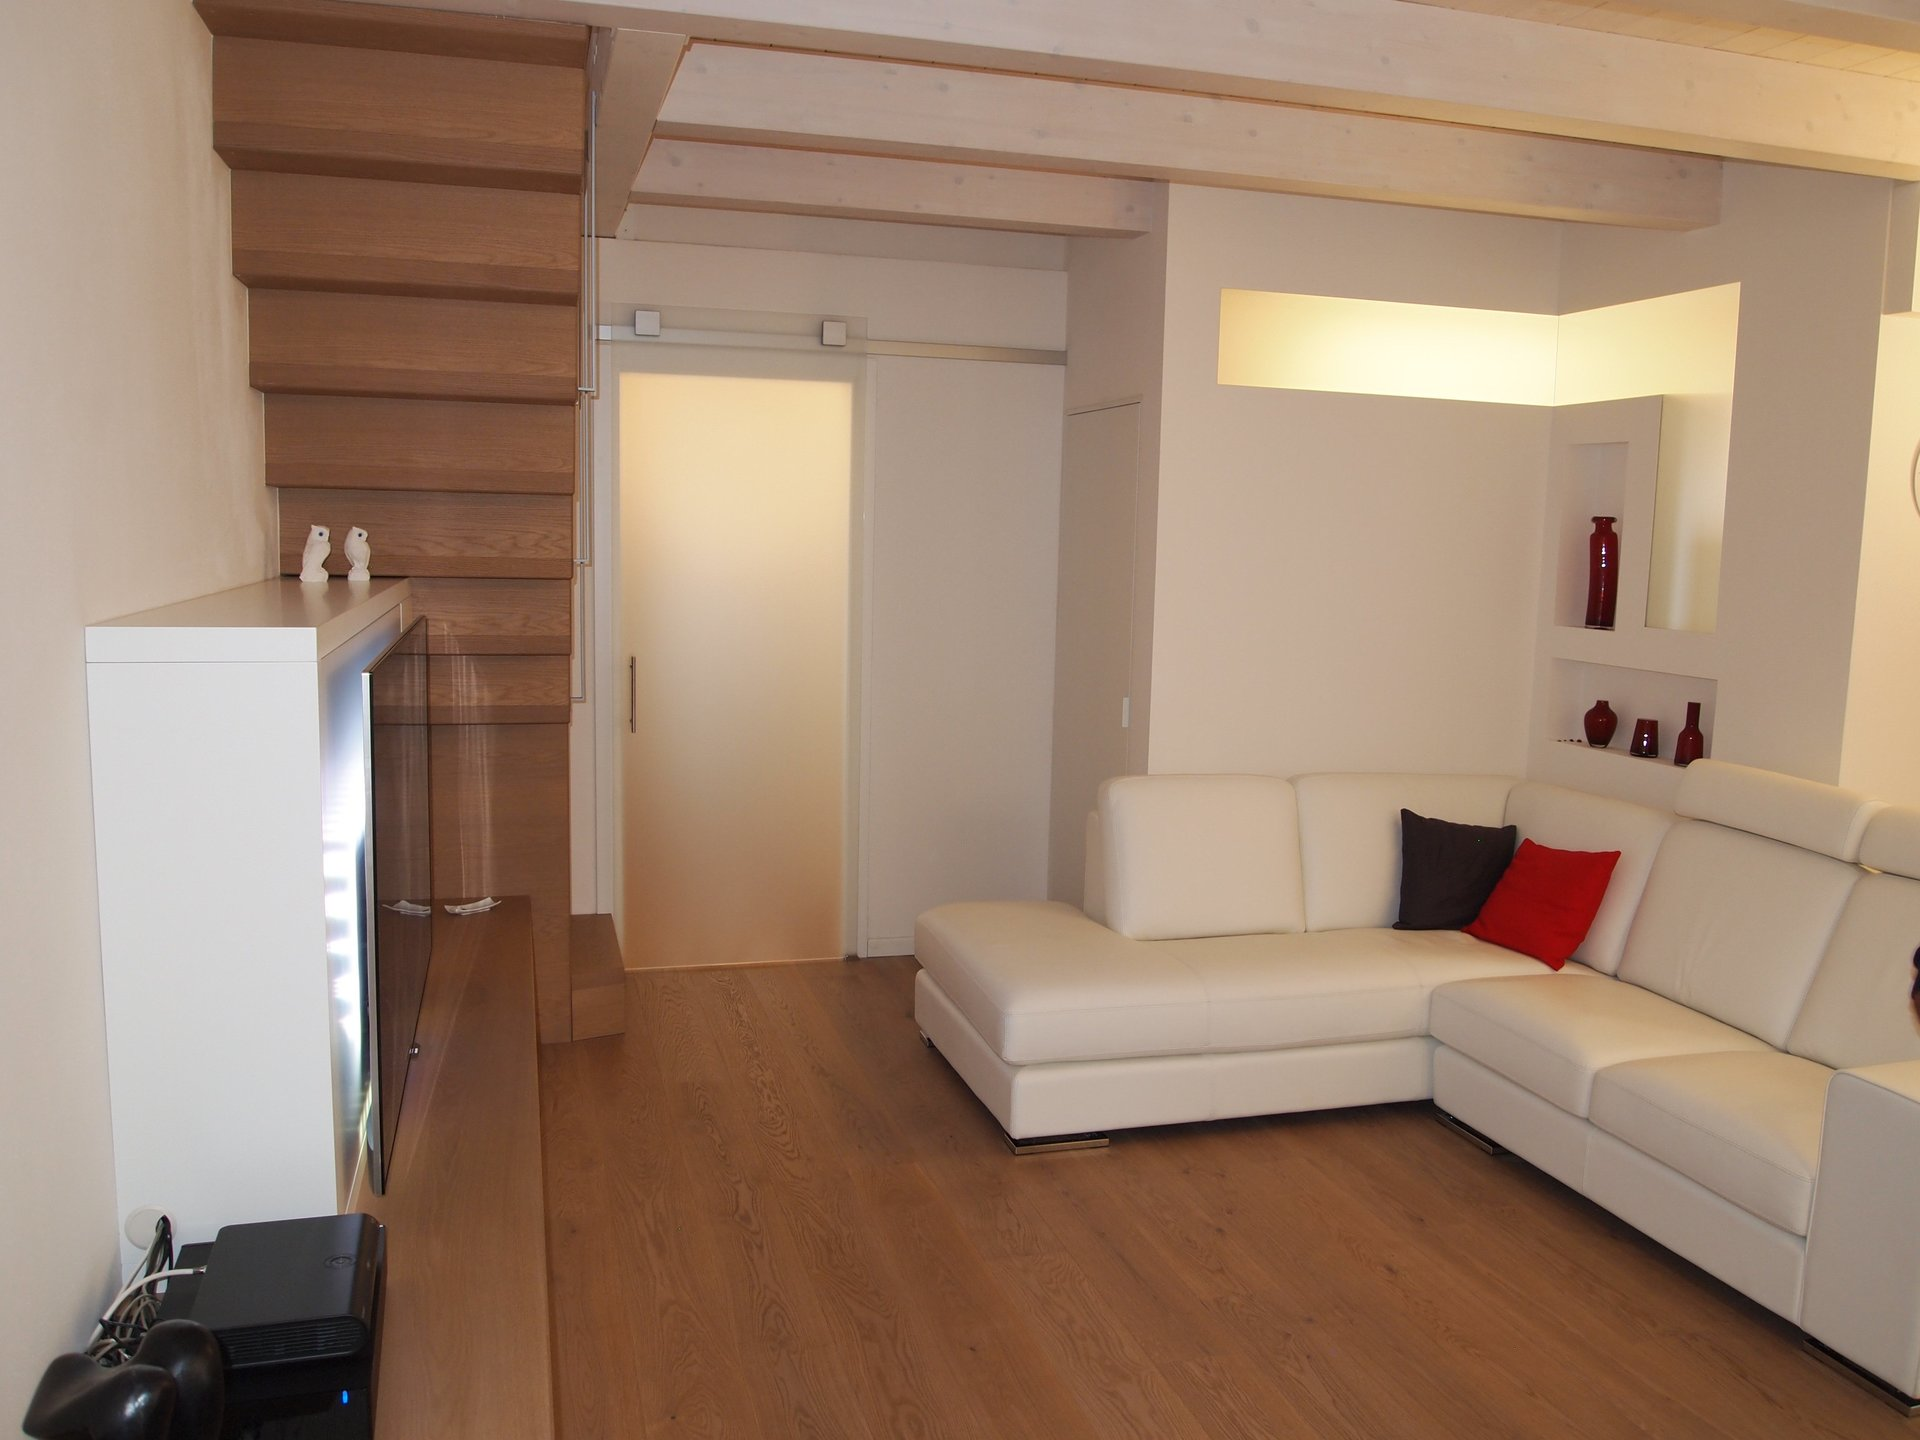 scala, pavimento in legno e divano con cuscini